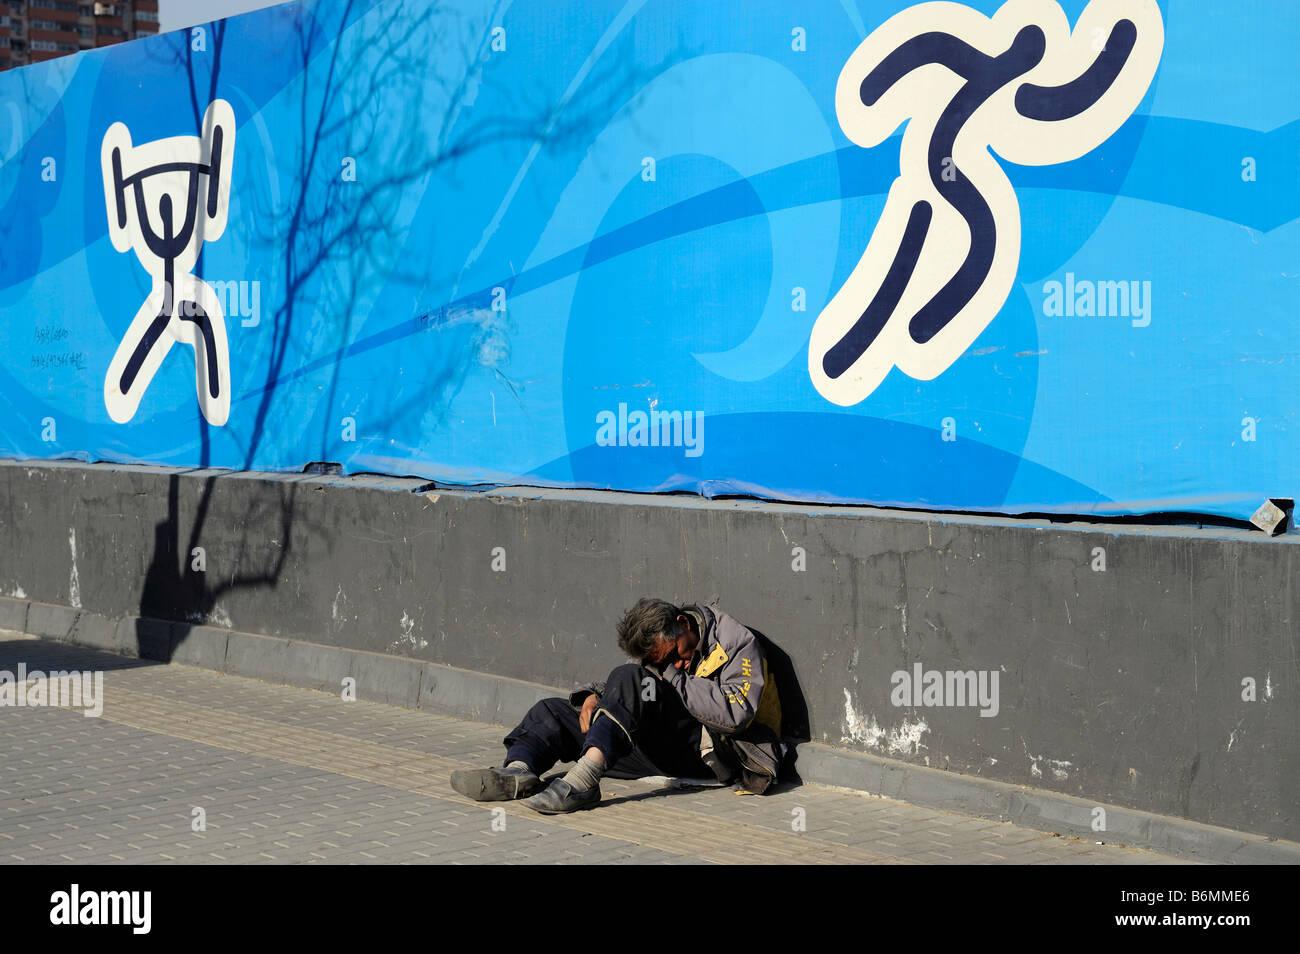 Un pobre hombre se sienta bajo un póster de los Juegos Olímpicos de Pekín 2008 en Beijing, China, Imagen De Stock